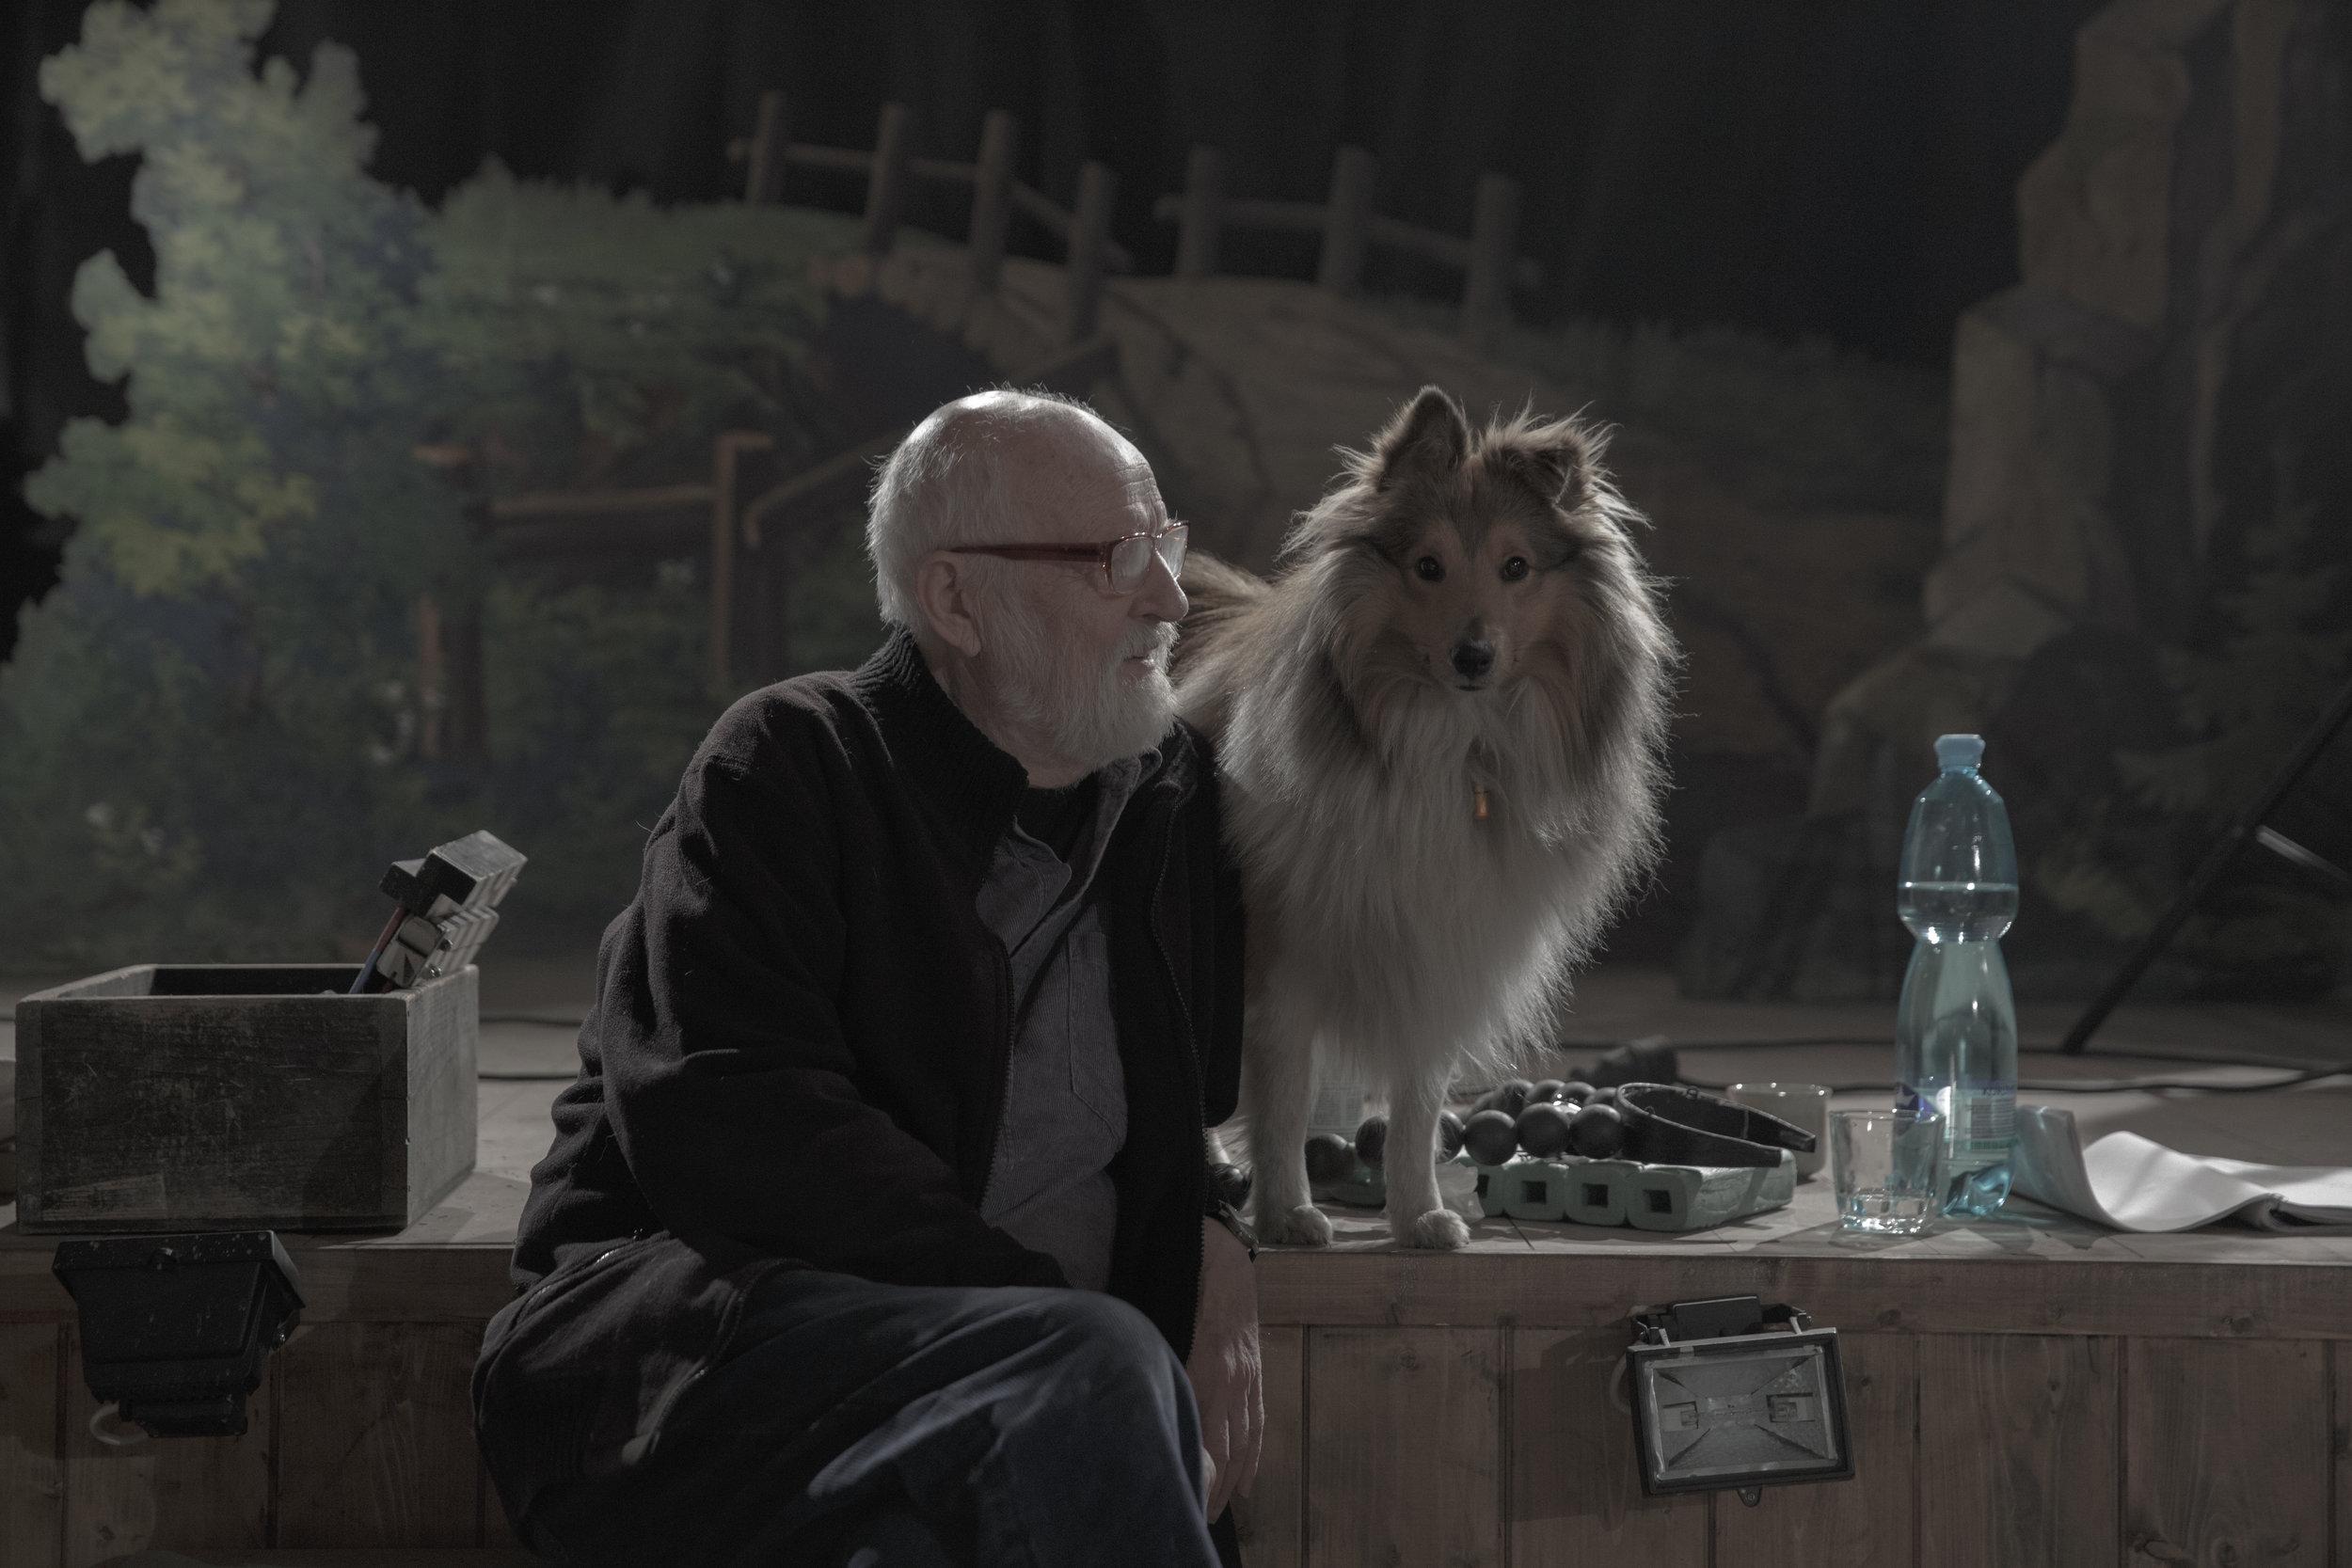 Režisér filmu Jan Švankmajer (foto z nakrúcania filmu Hmyz).